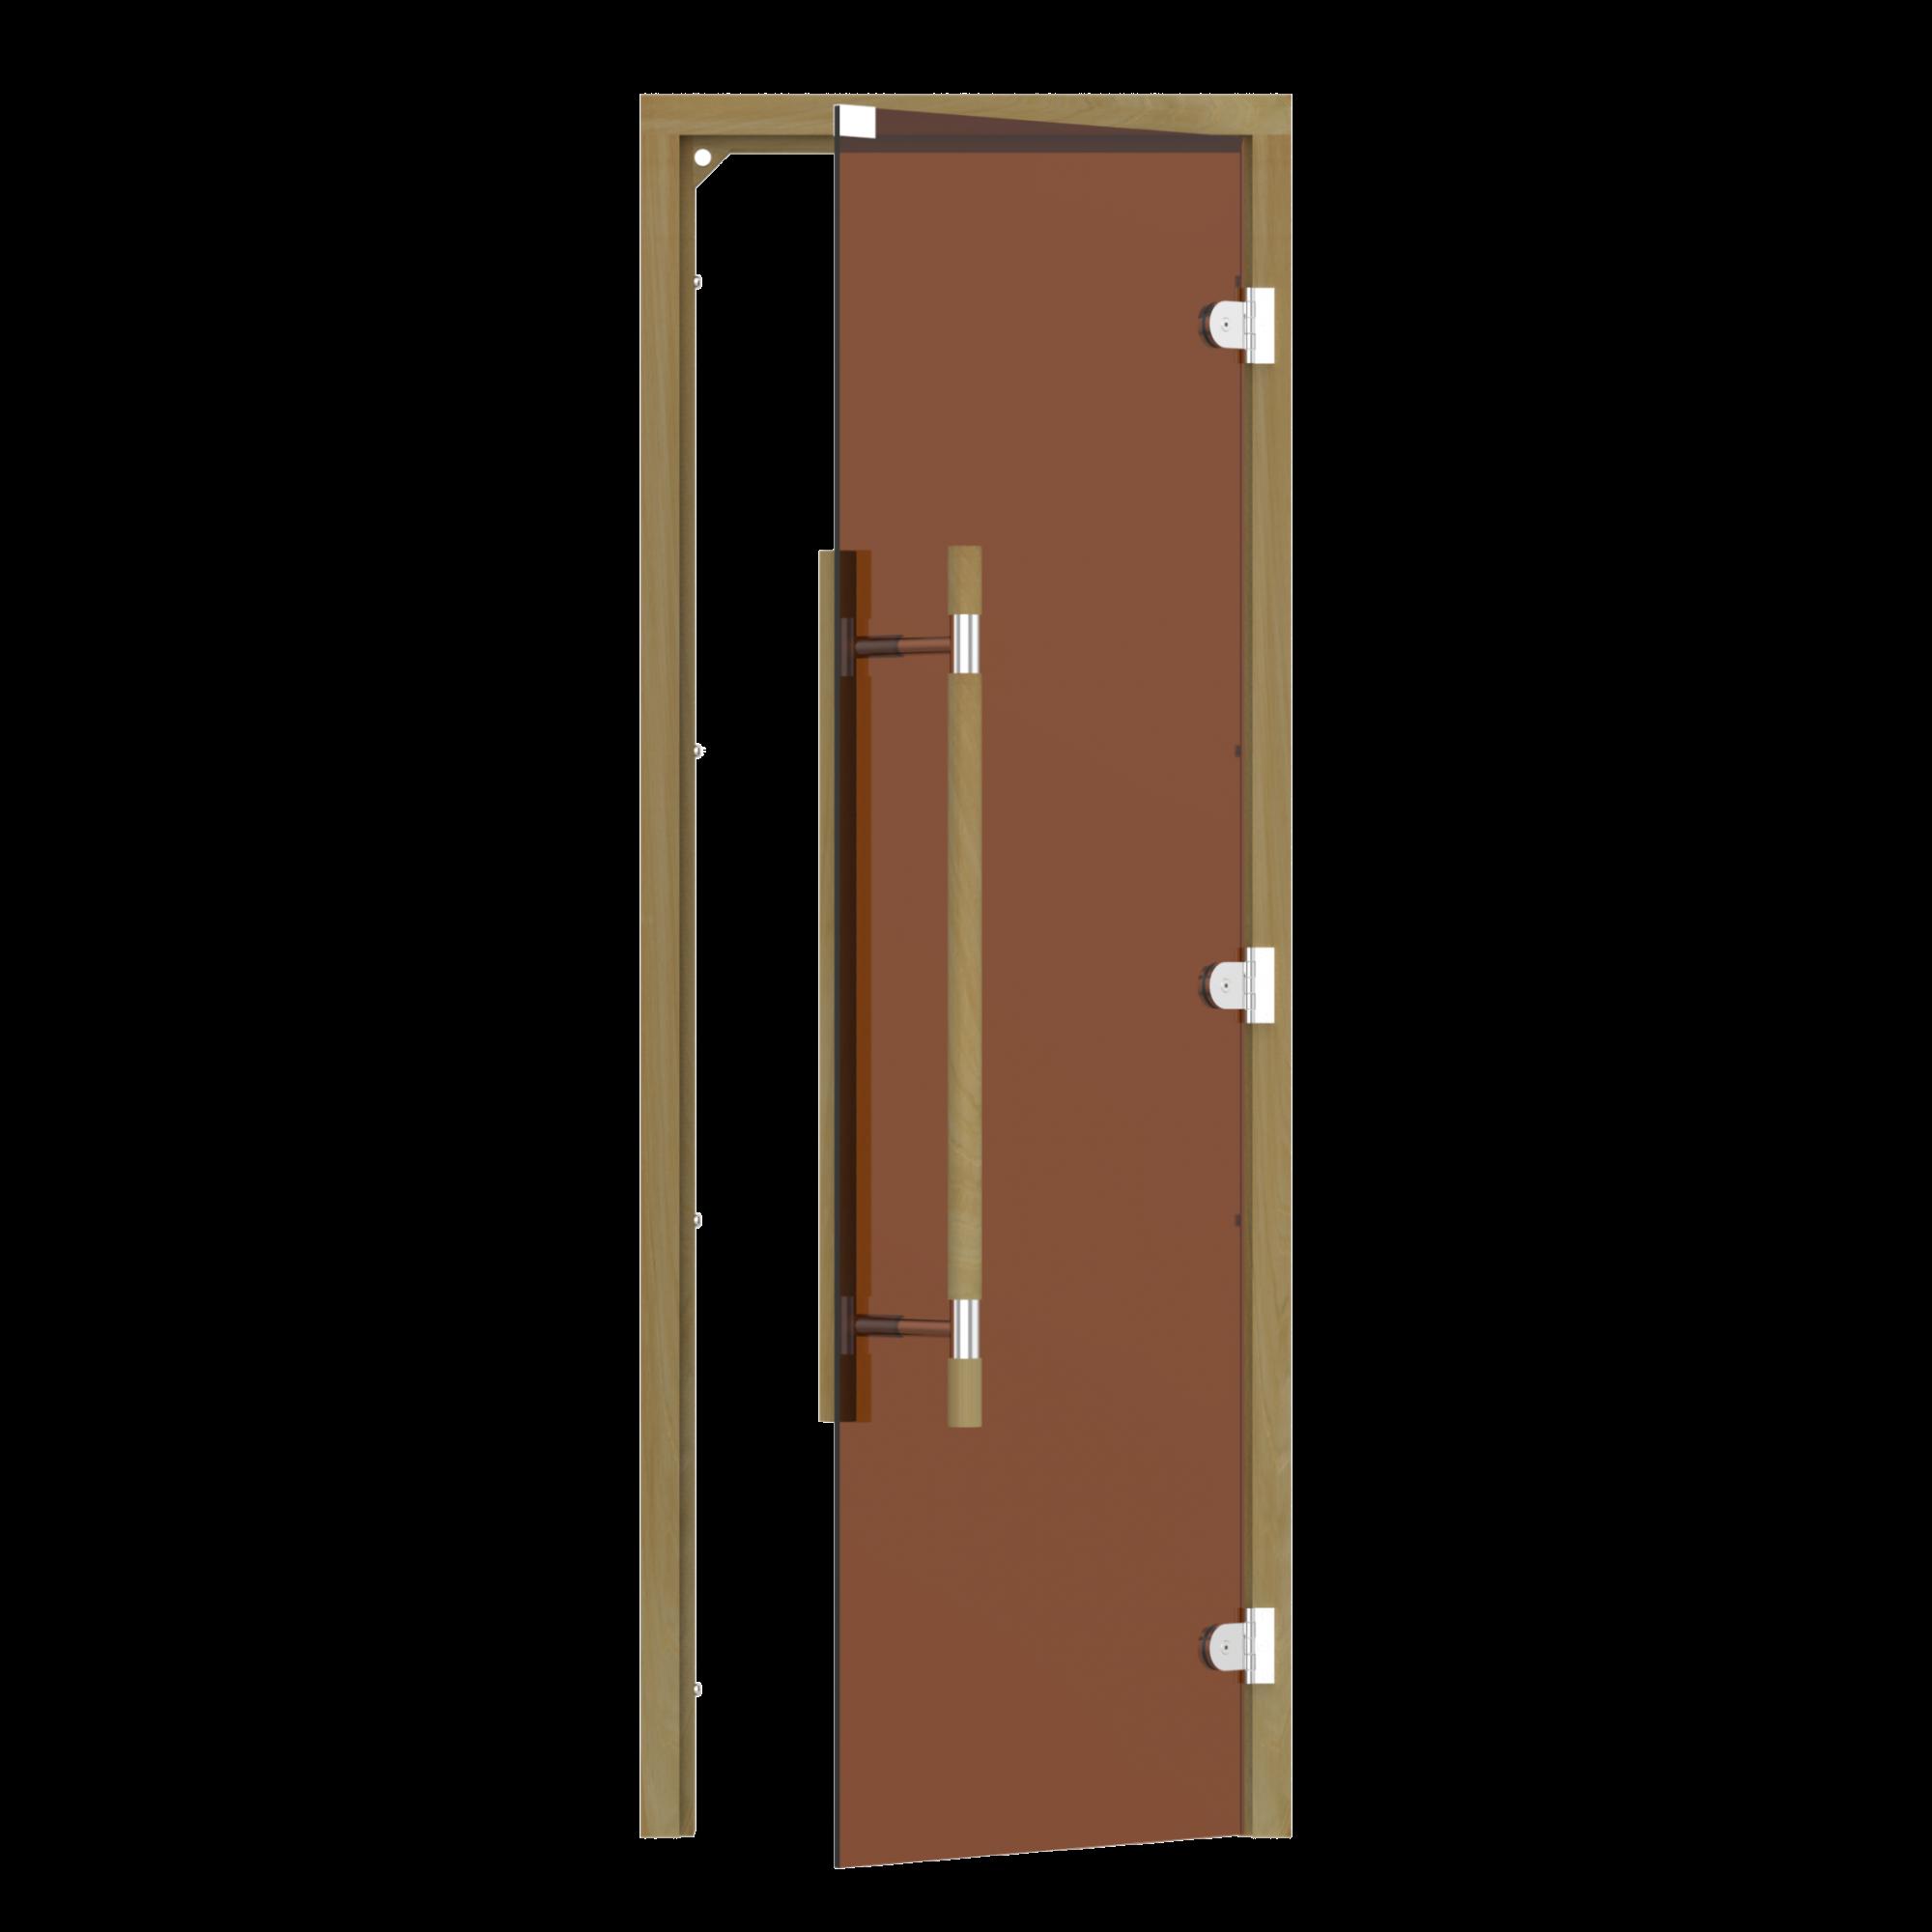 Двери: Дверь SAWO 741-3SGD-R-3 (7/19, бронза, правая, без порога, кедр, прямая ручка с металлической вставкой)